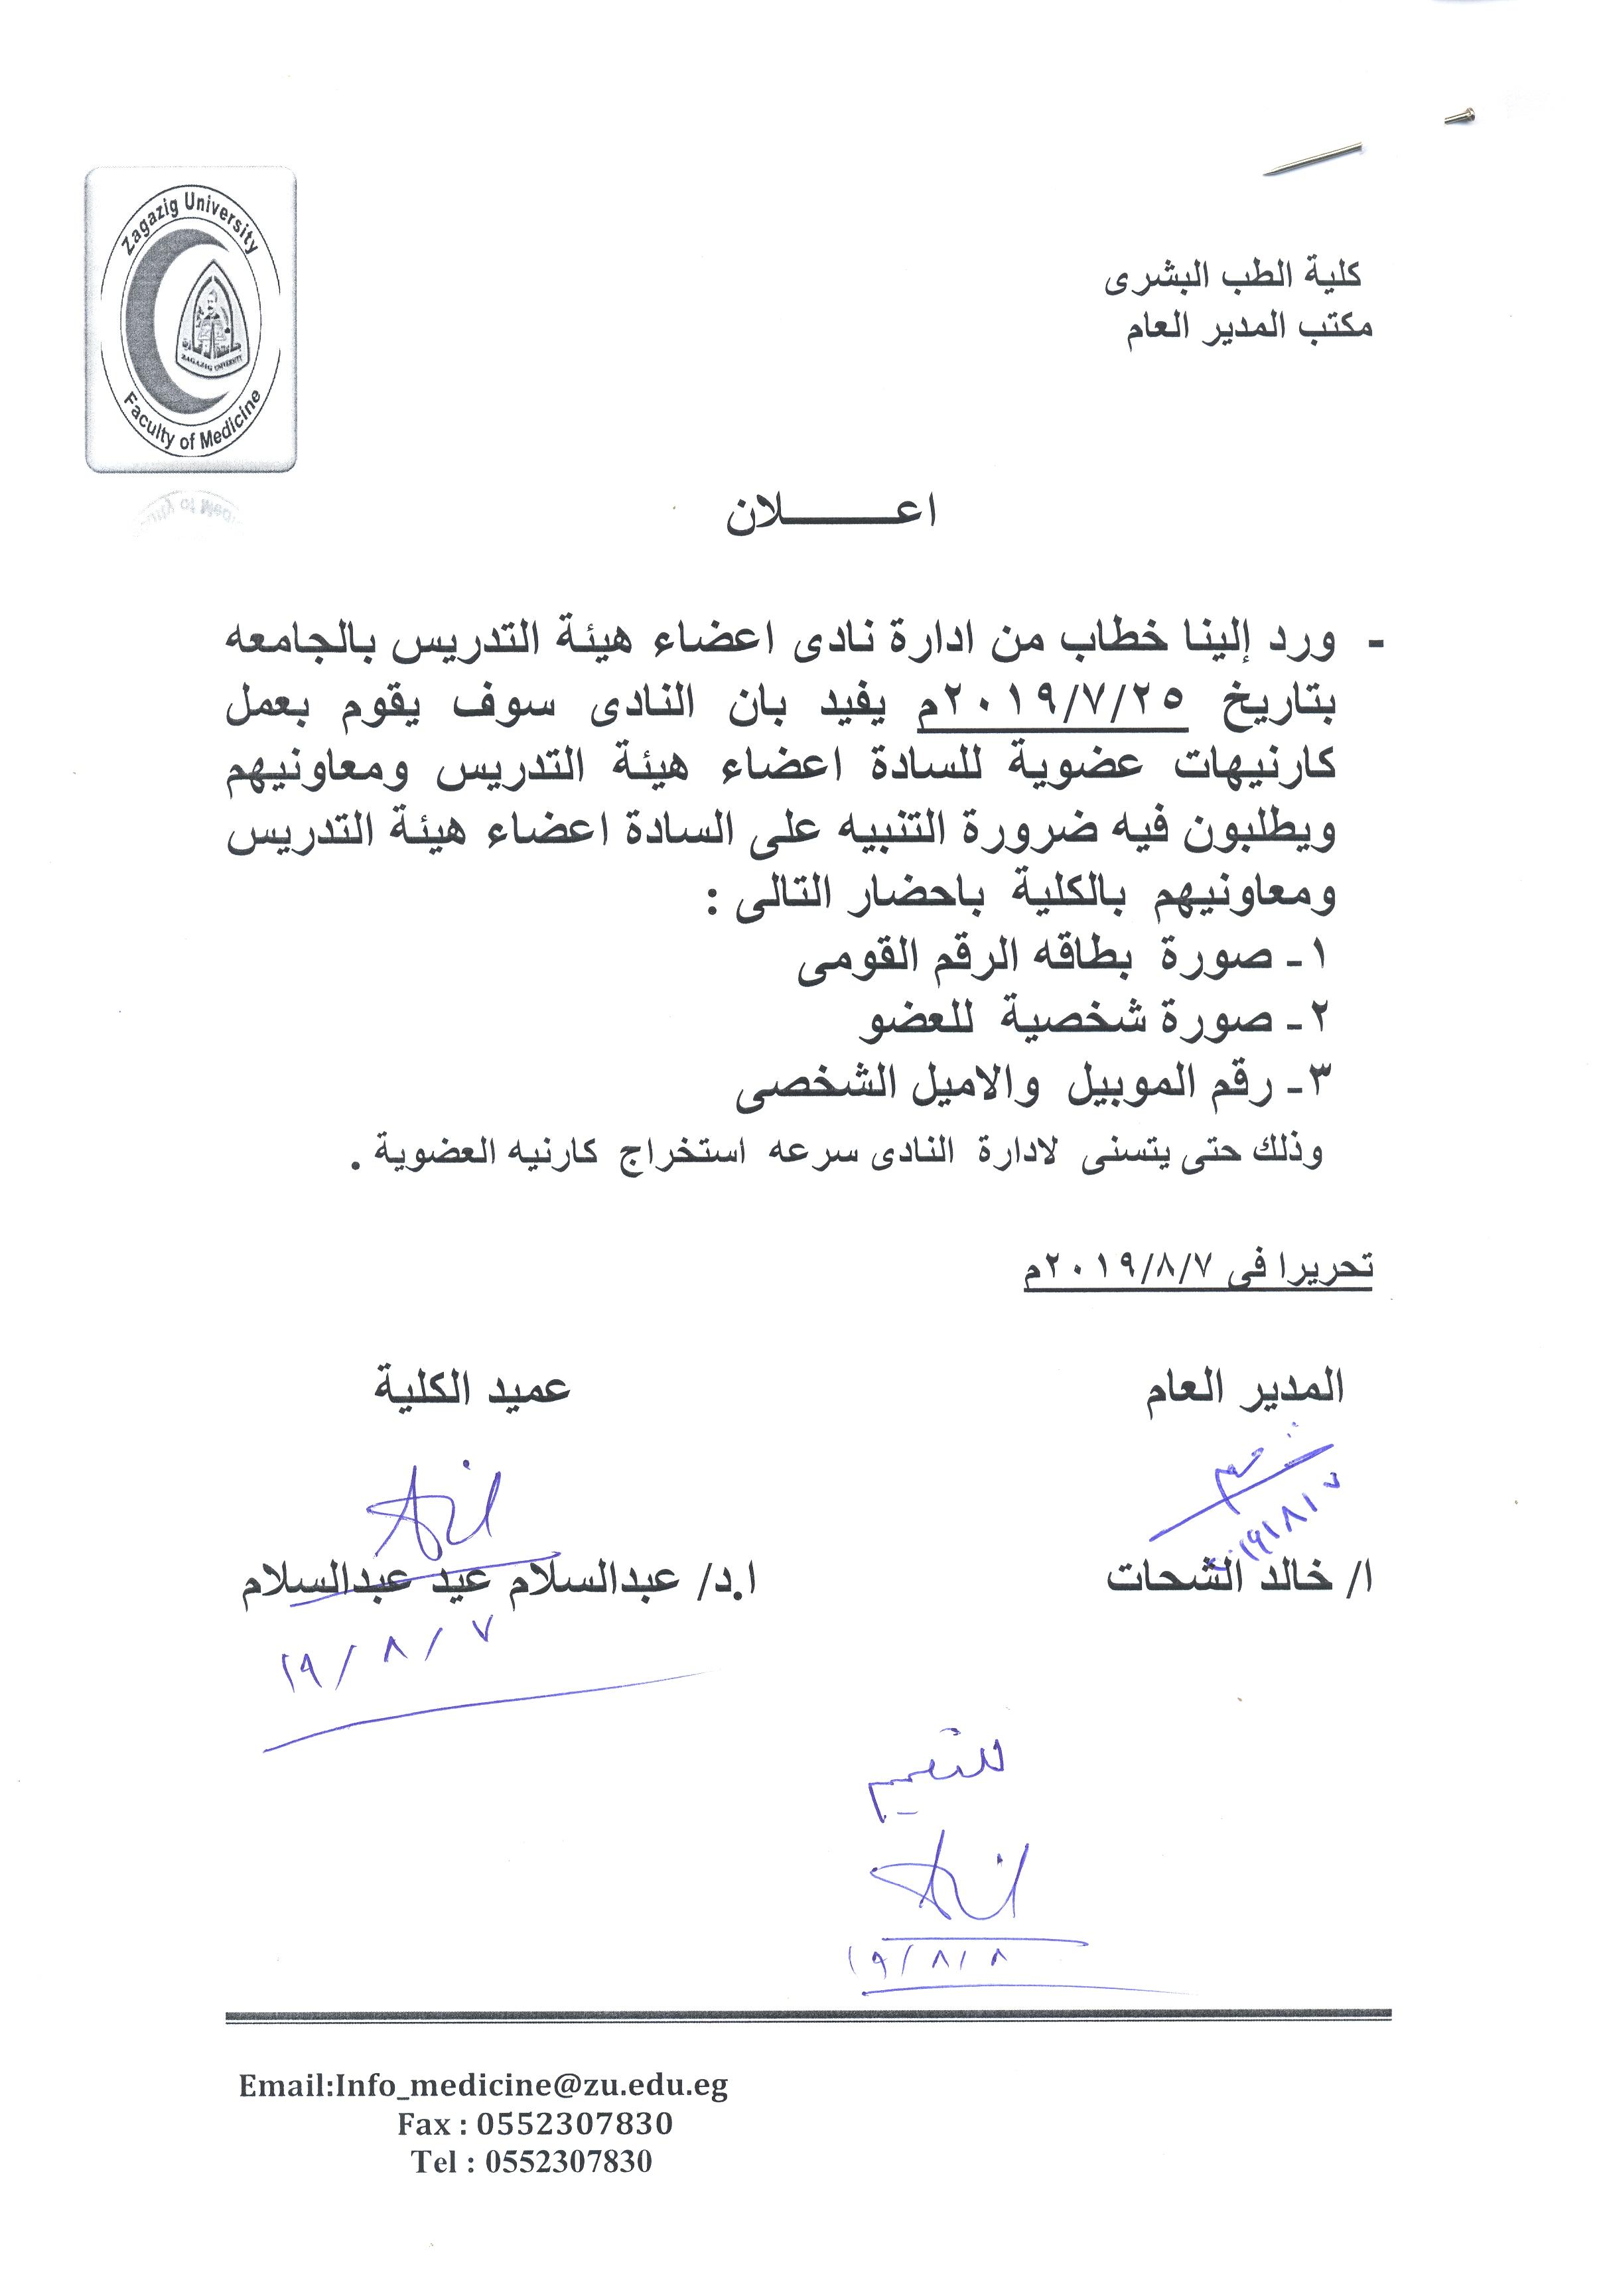 إعلان نادي أعضاء هيئة التدريس